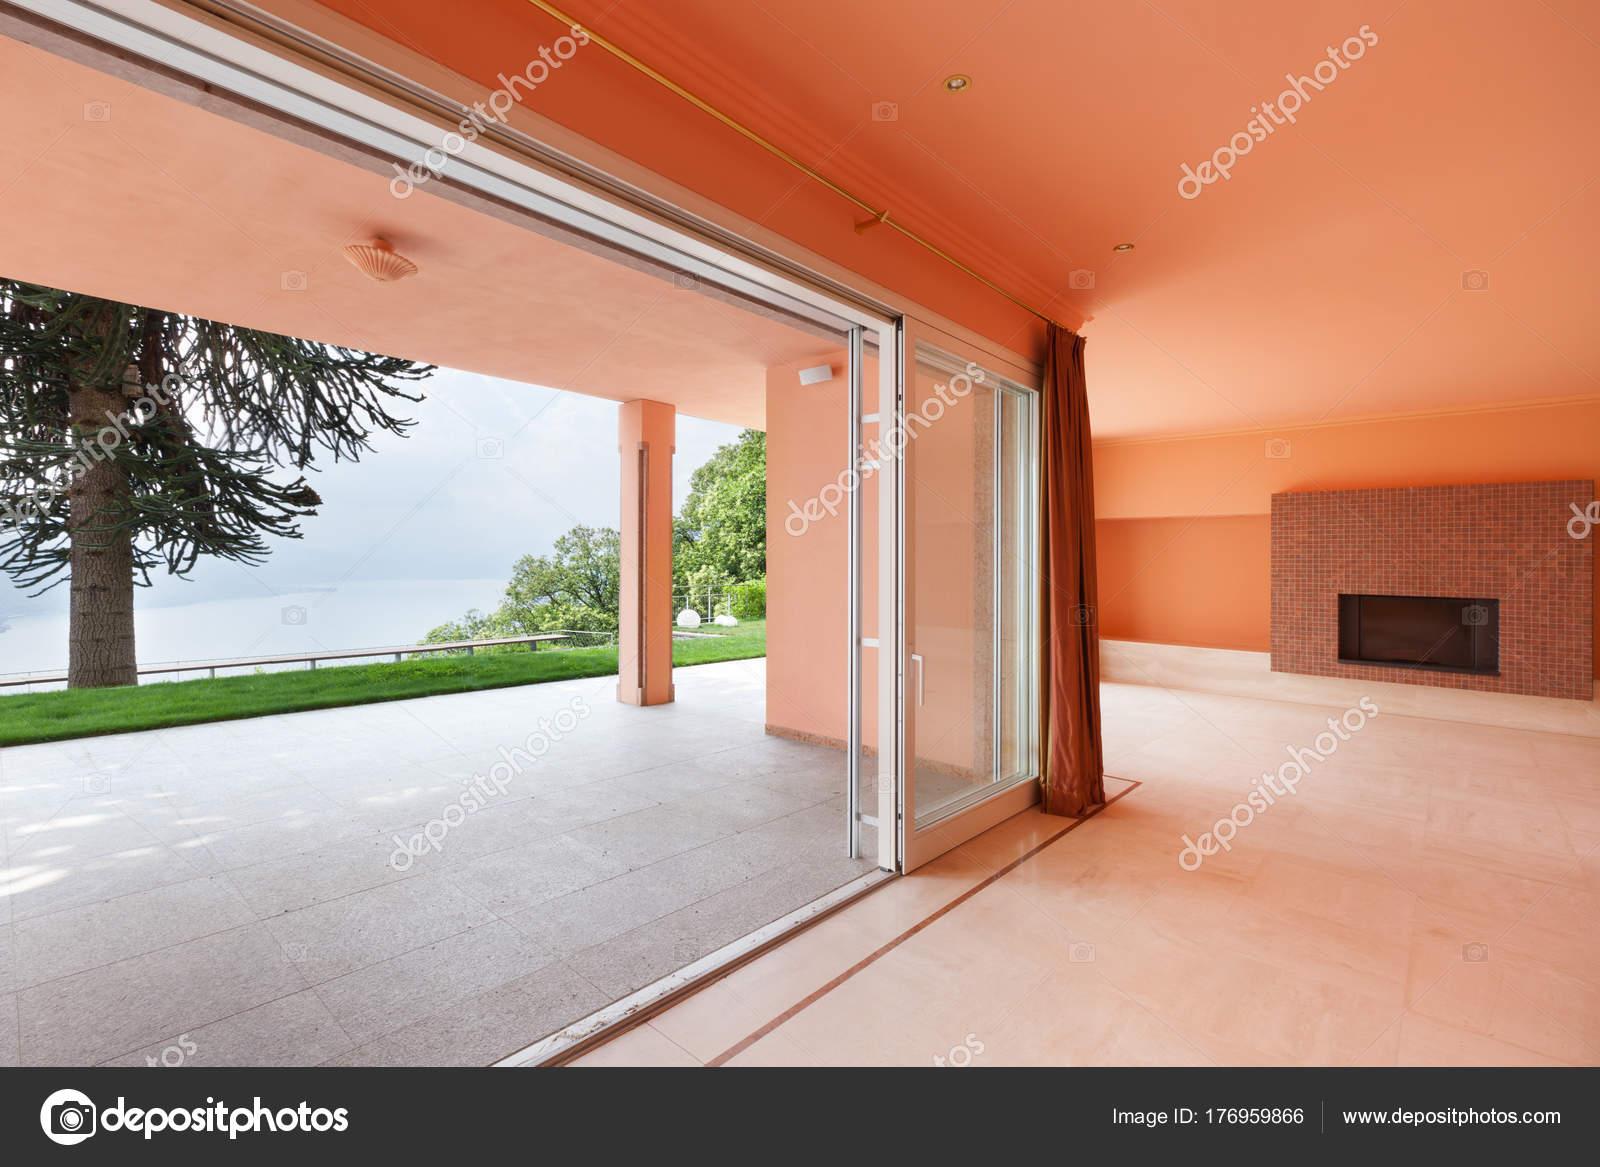 Interieur, Villa, leere Wohnzimmer — Stockfoto © Zveiger #176959866